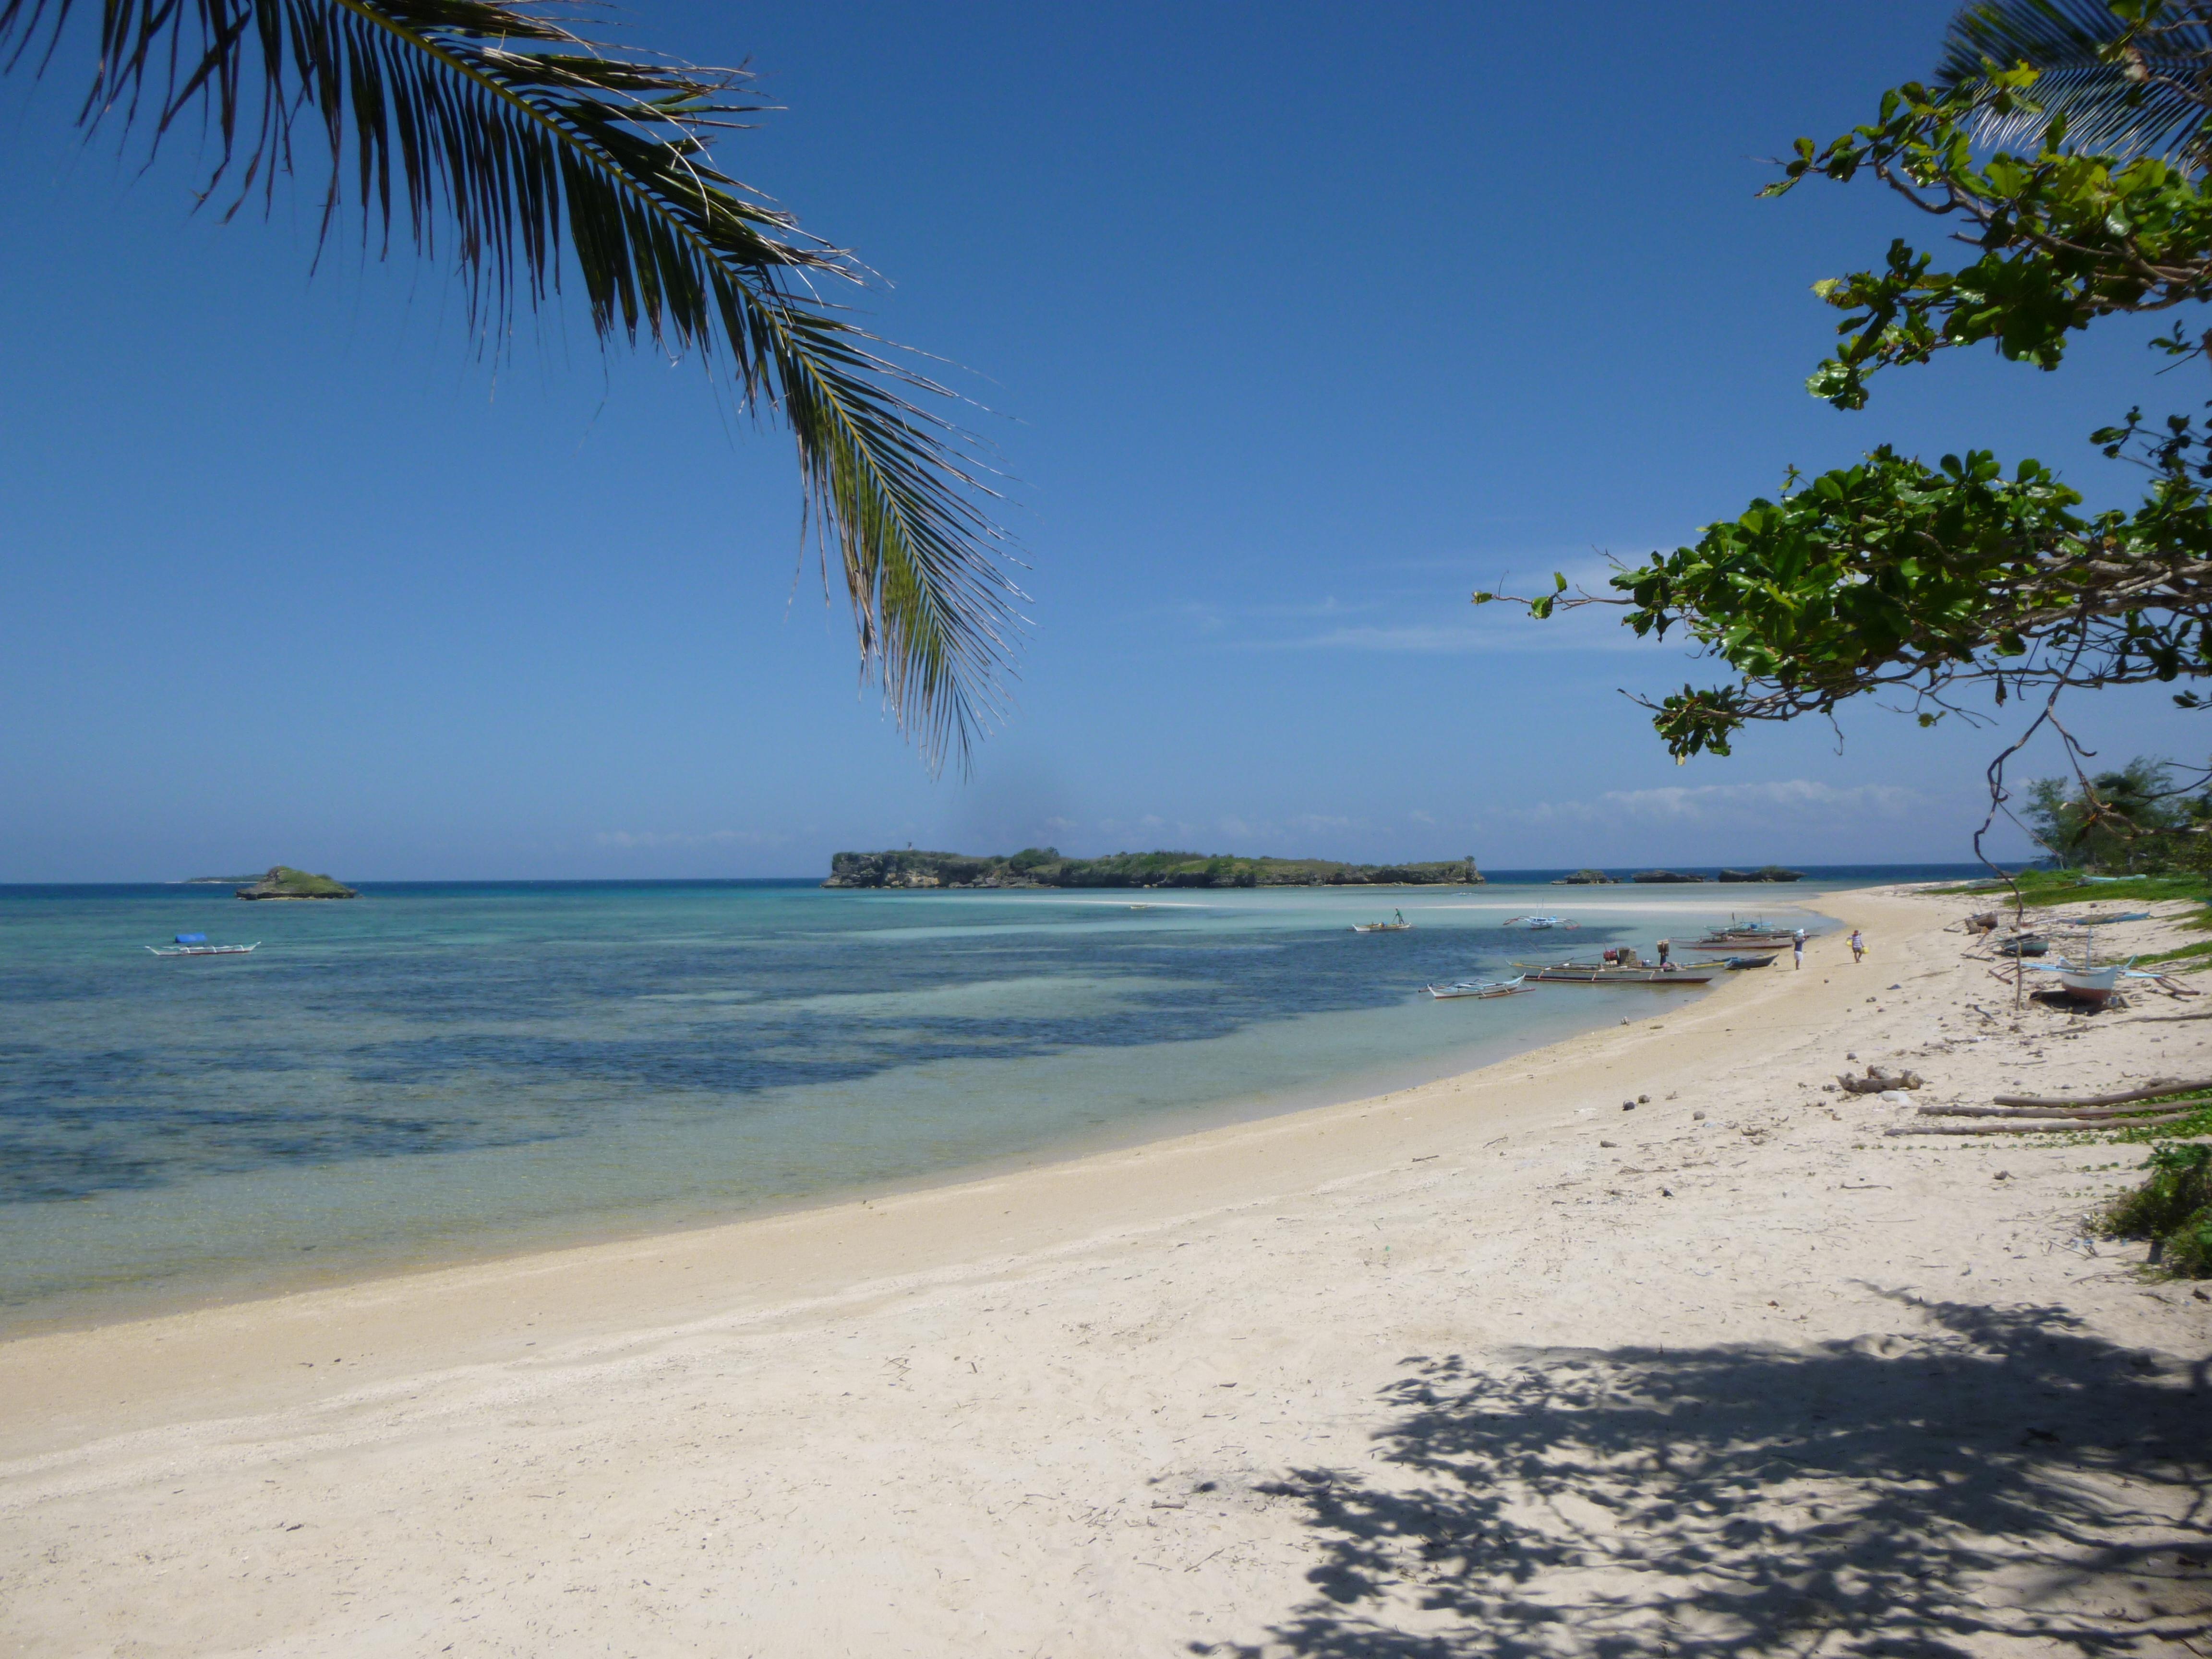 notre plage, pas mal quand même